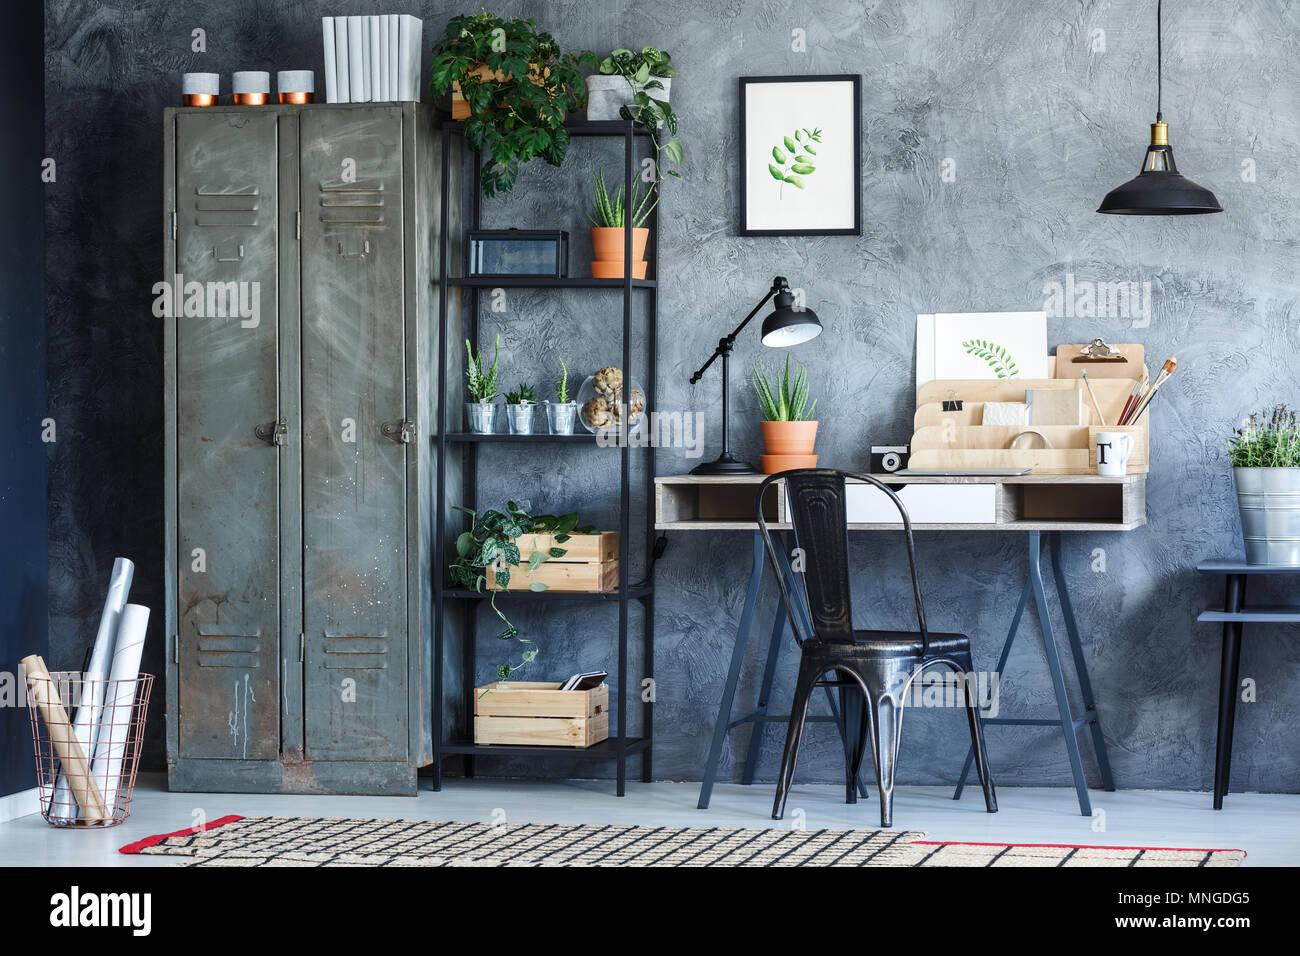 Ufficio industriale camera con illustrazione delle piante e arredi